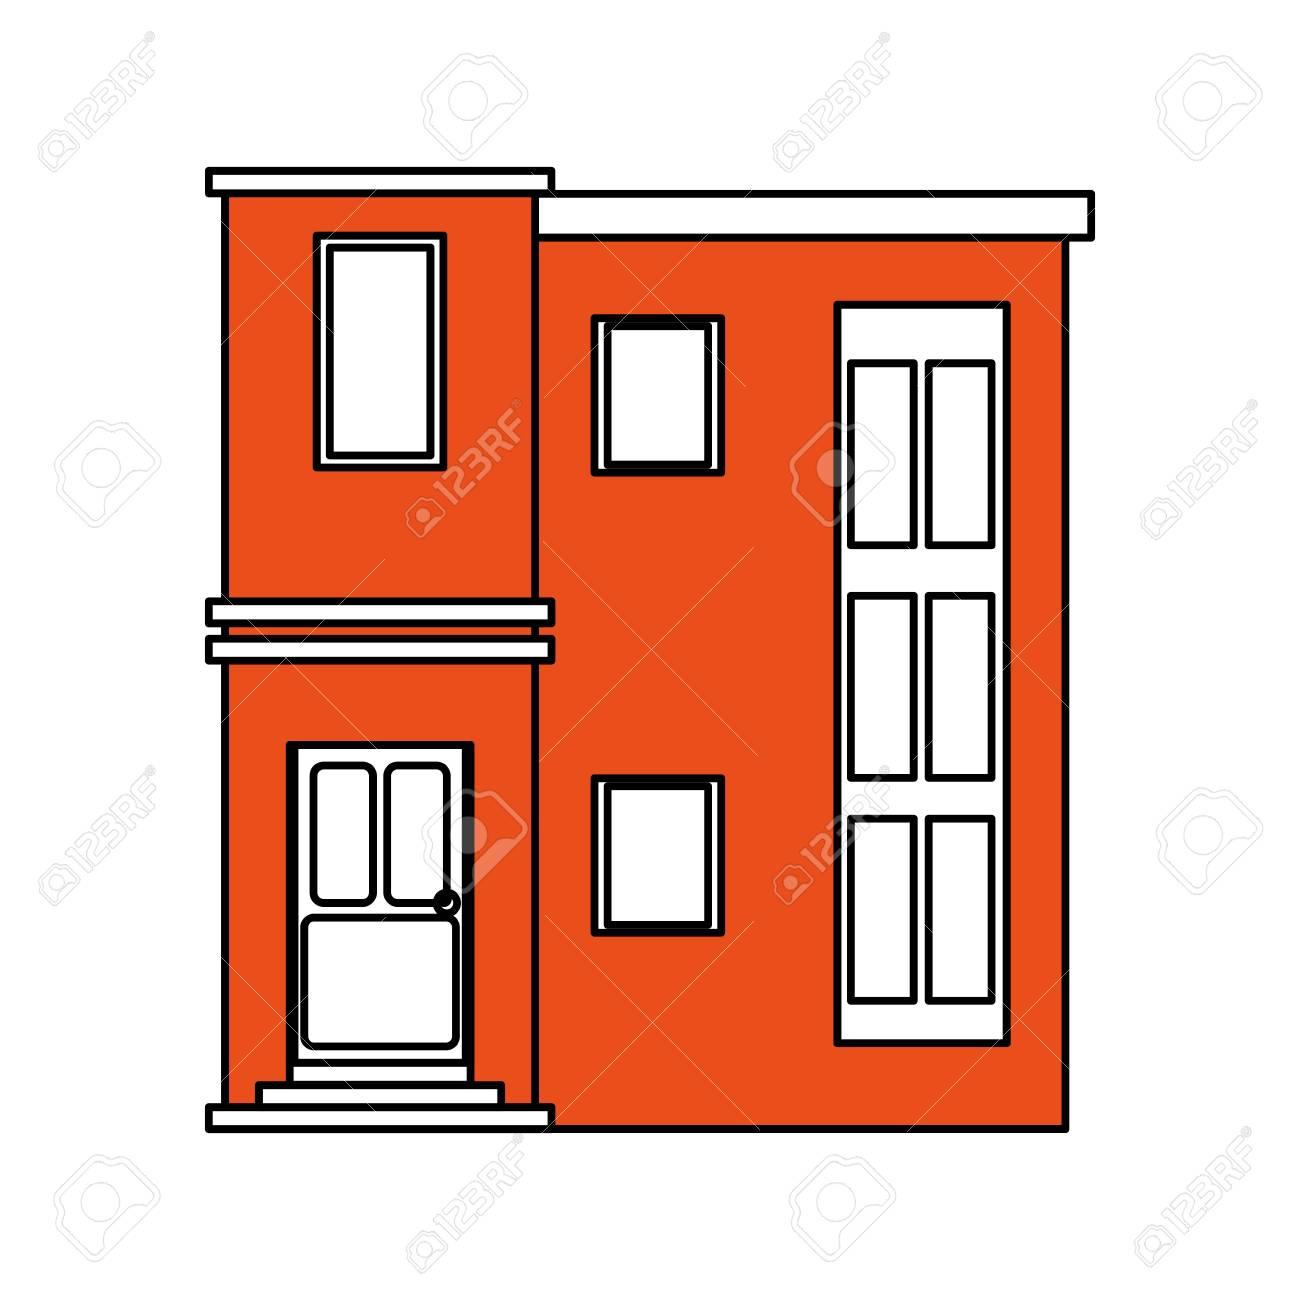 Couleur Silhouette Dessin Animé Orange Façade Style Moderne Résidentiel Maison Vecteur Illustration